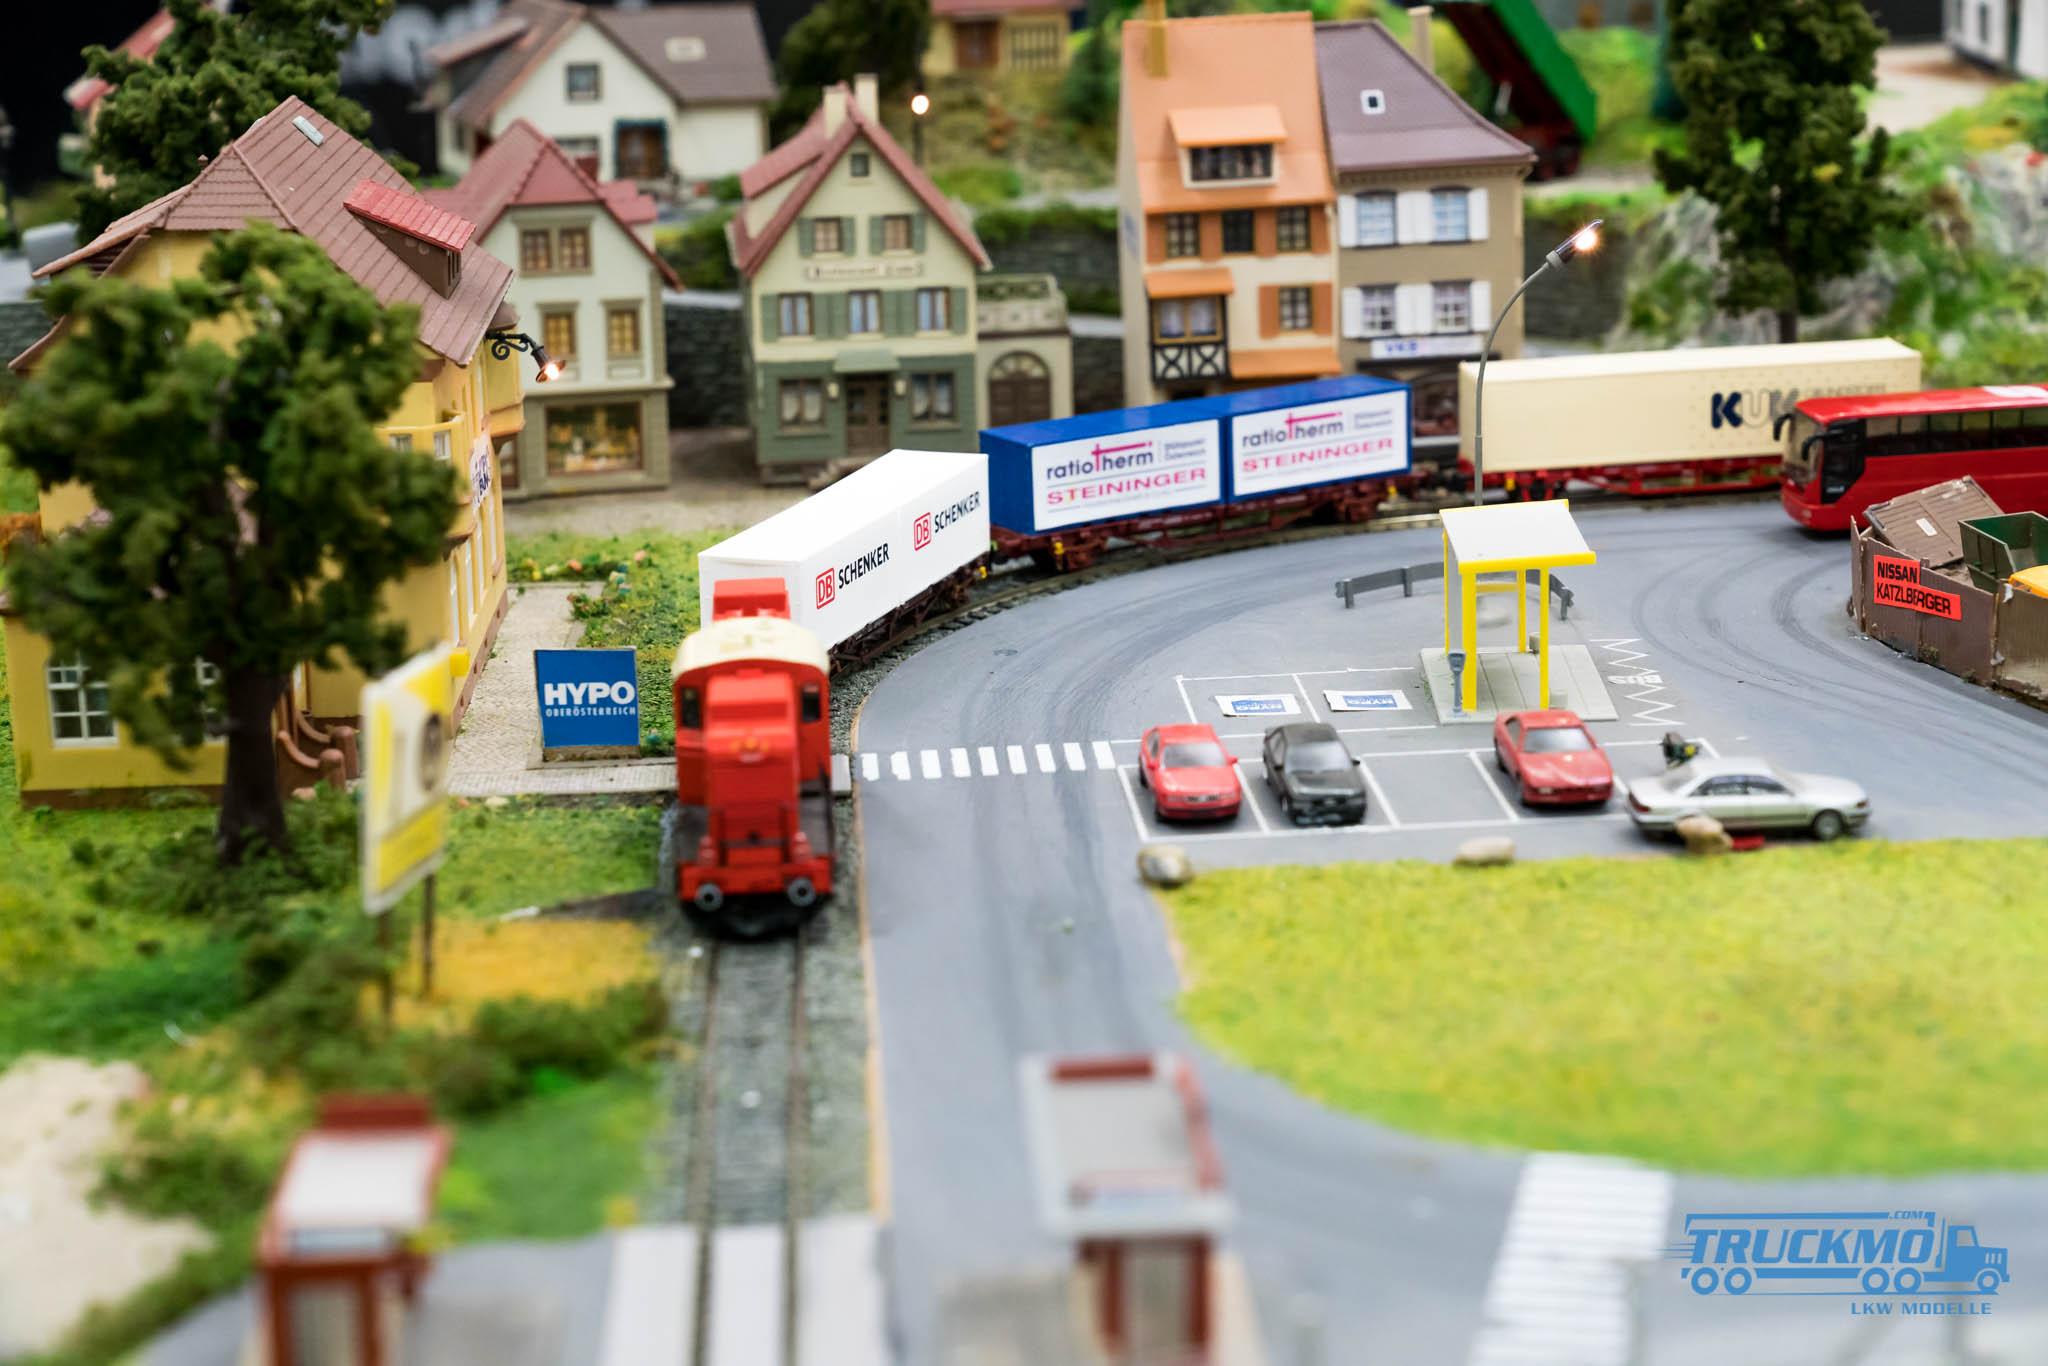 Truckmo_Modellbau_Ried_2017_Herpa_Messe_Modellbauausstellung (70 von 1177)